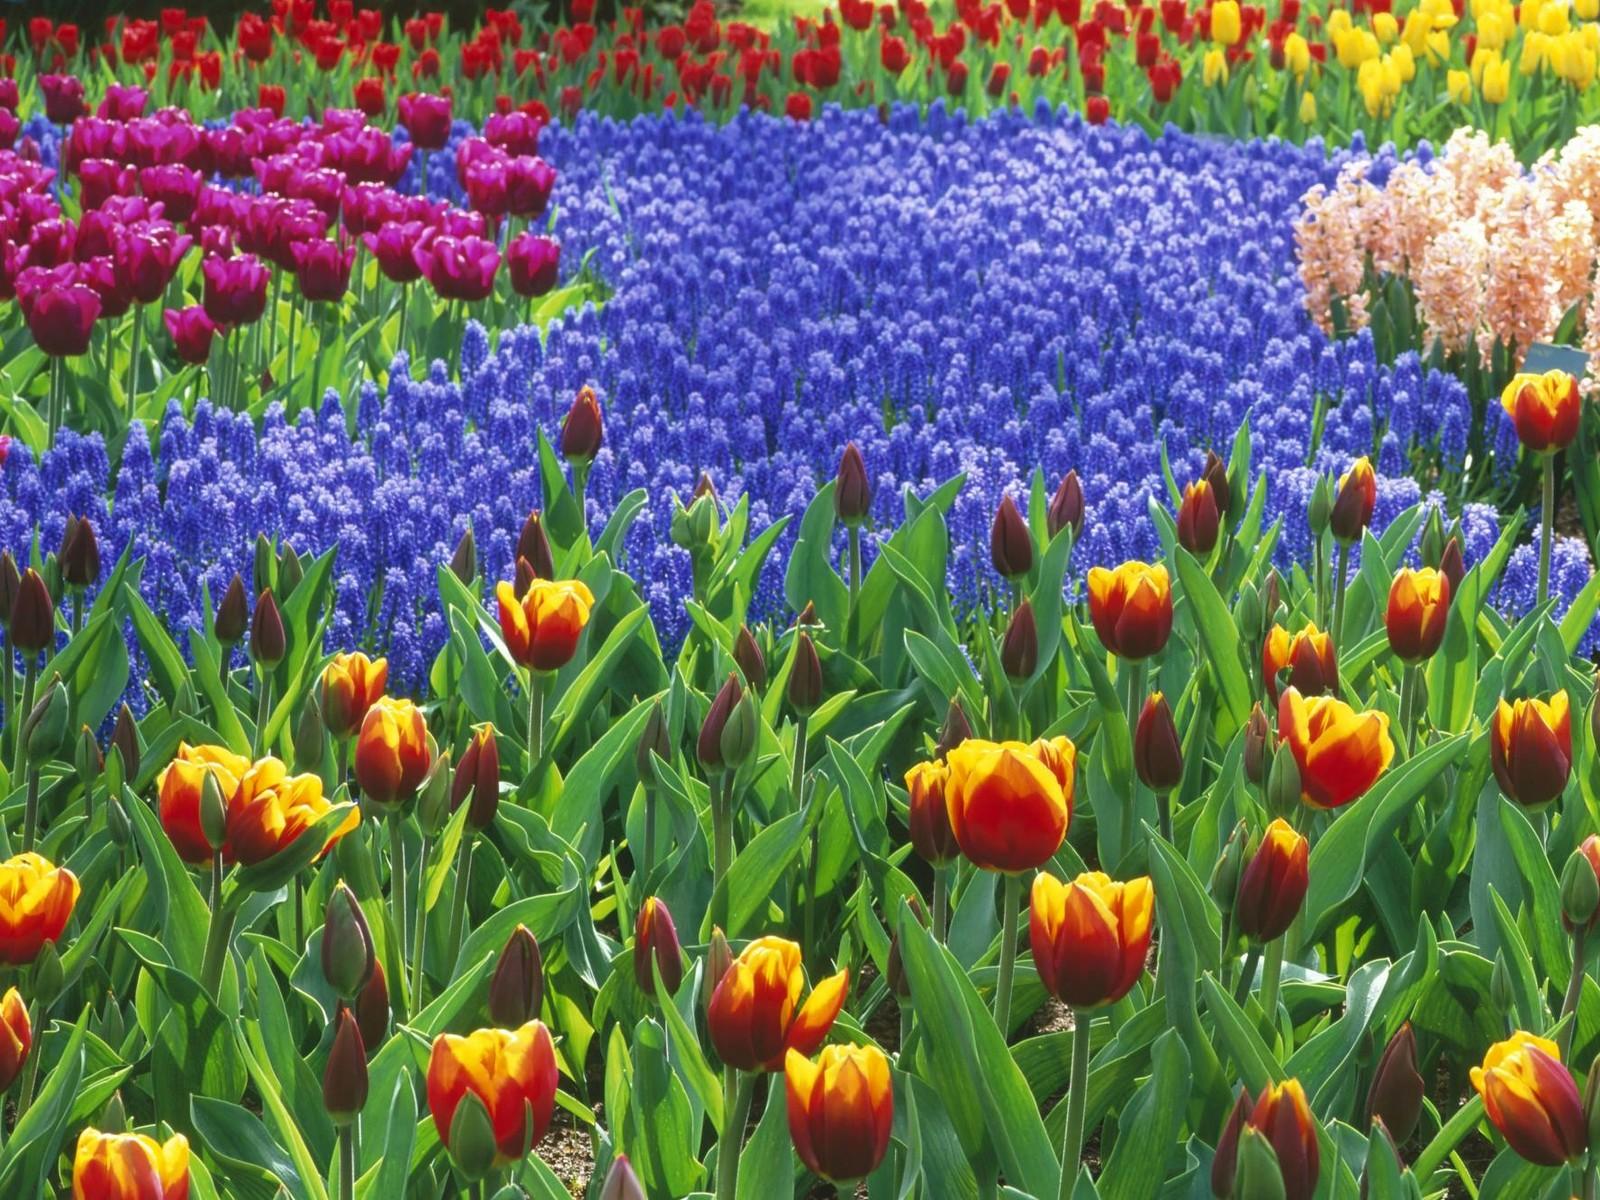 The World's Largest Flower Garden